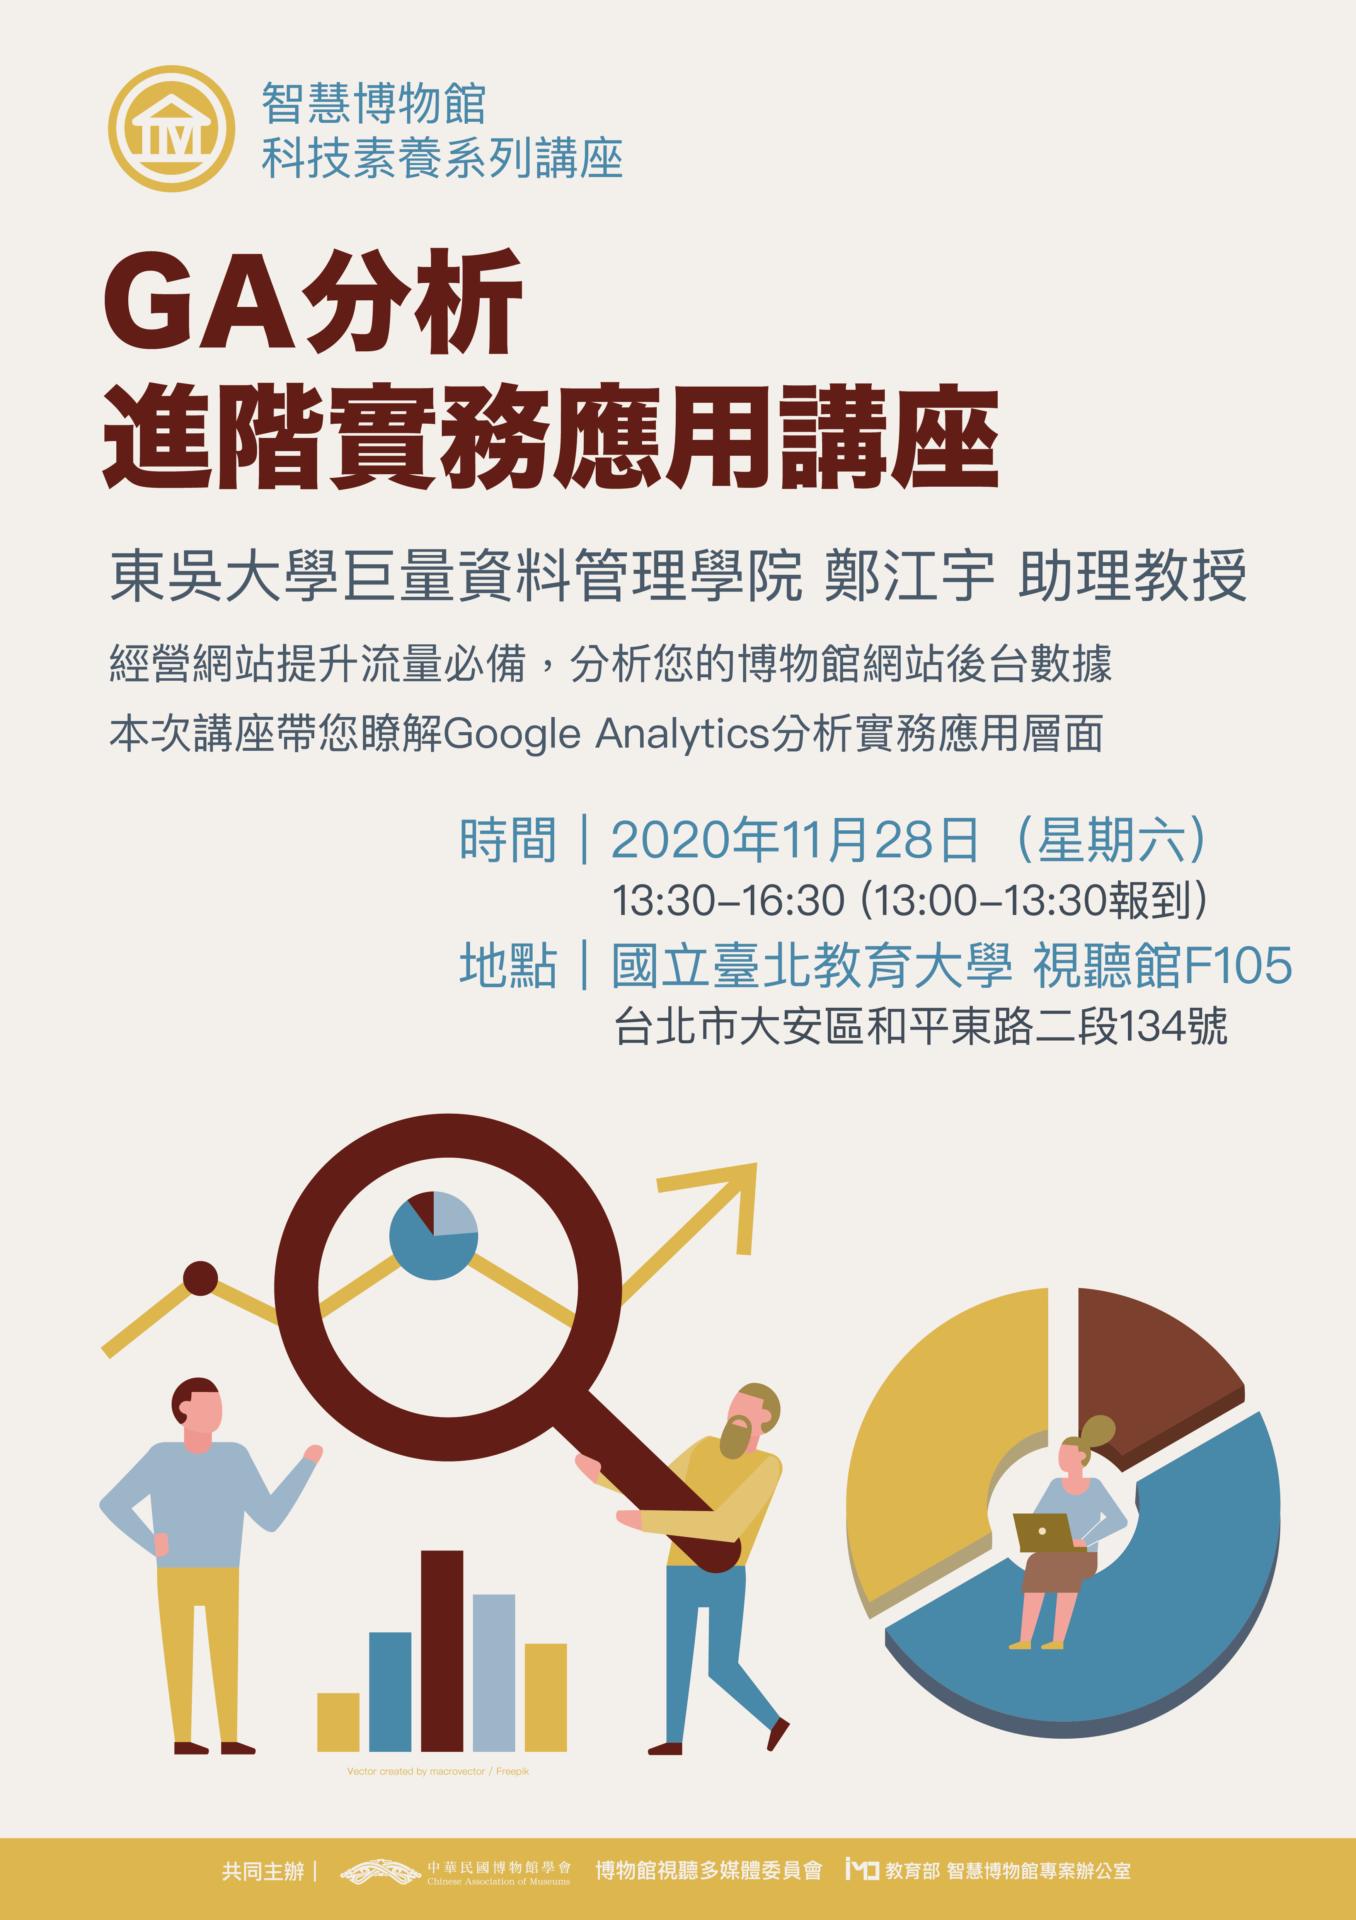 中華民國博物館學會博物館視聽多媒體委員會:2020/11/28【智慧博物館科技素養講座-GA分析進階實務應用】